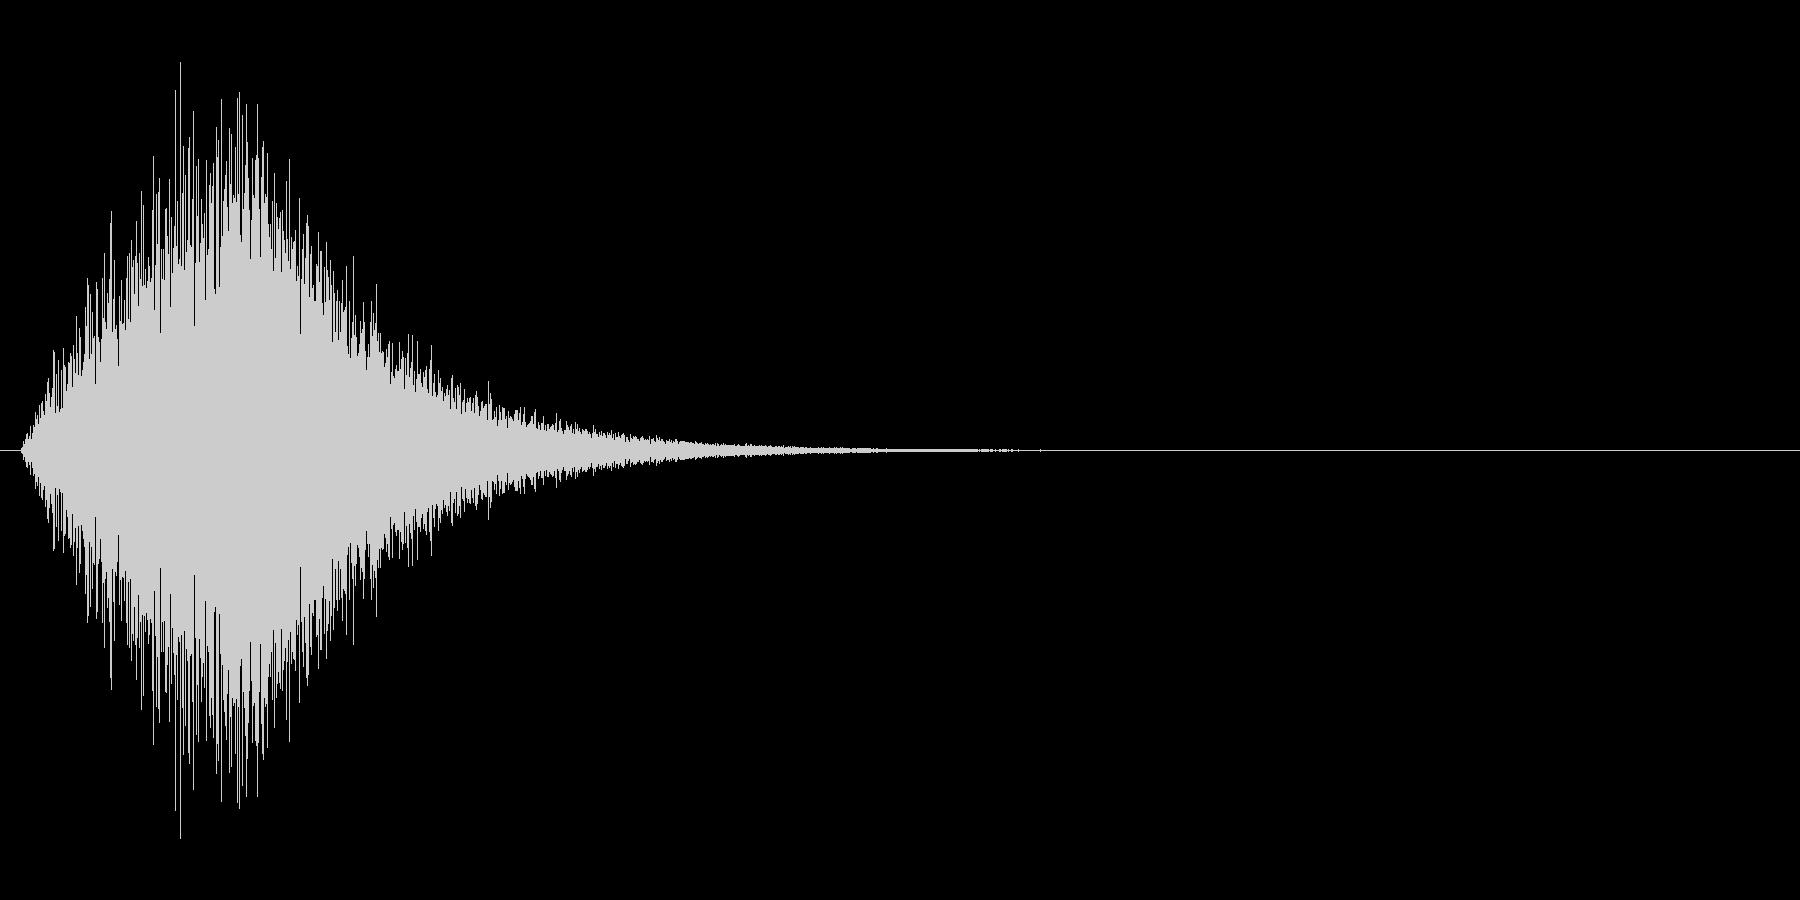 ヒュオォォ...(風魔法、突風)の未再生の波形